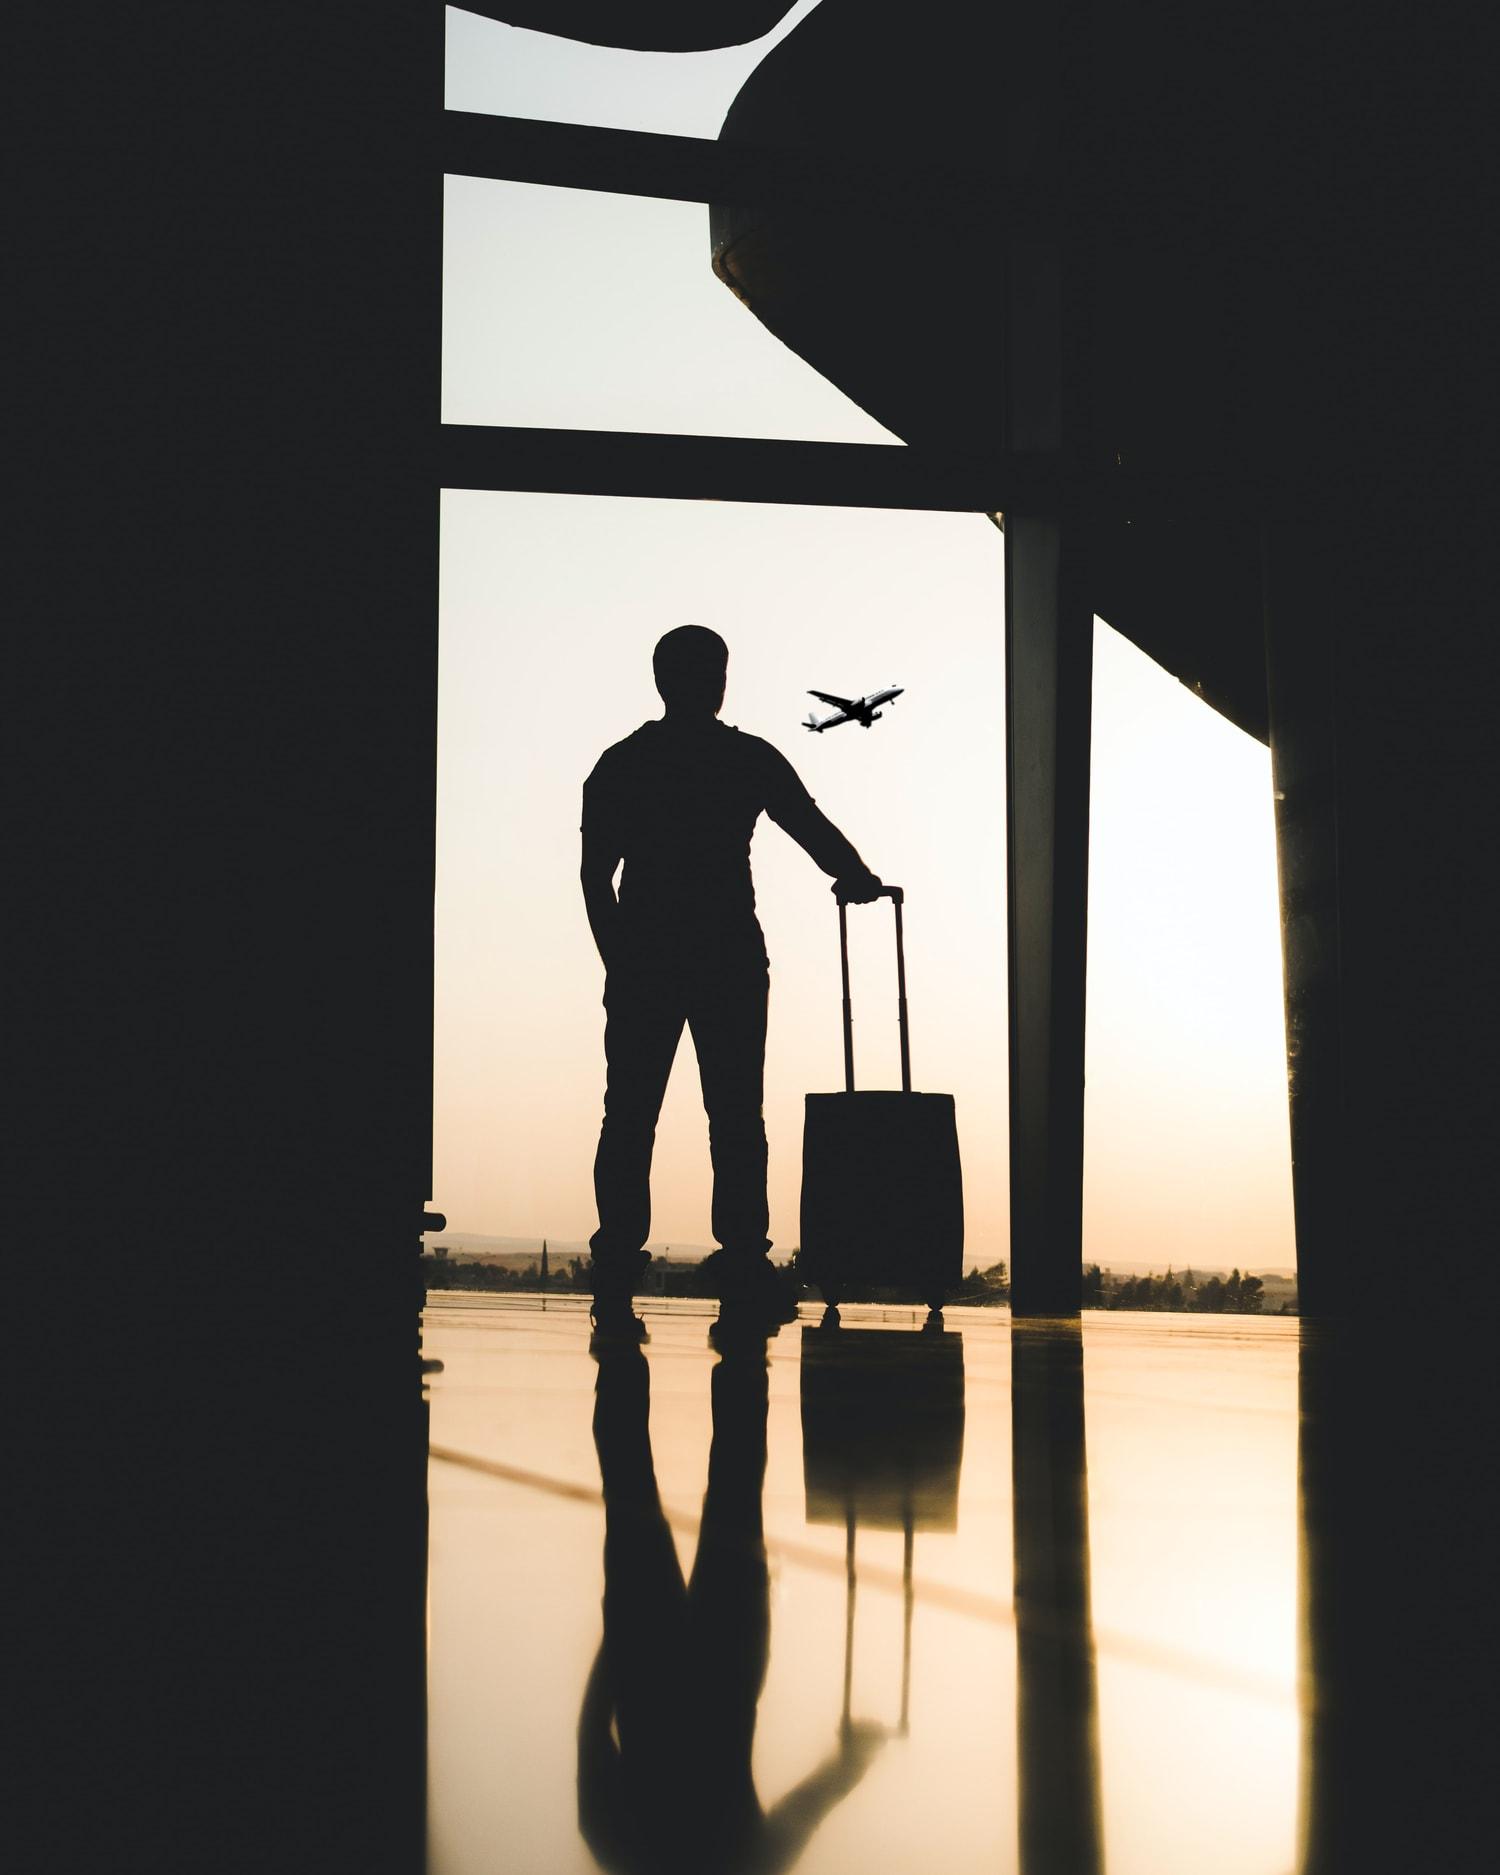 Hombre en aeropuerto viendo avión pasar